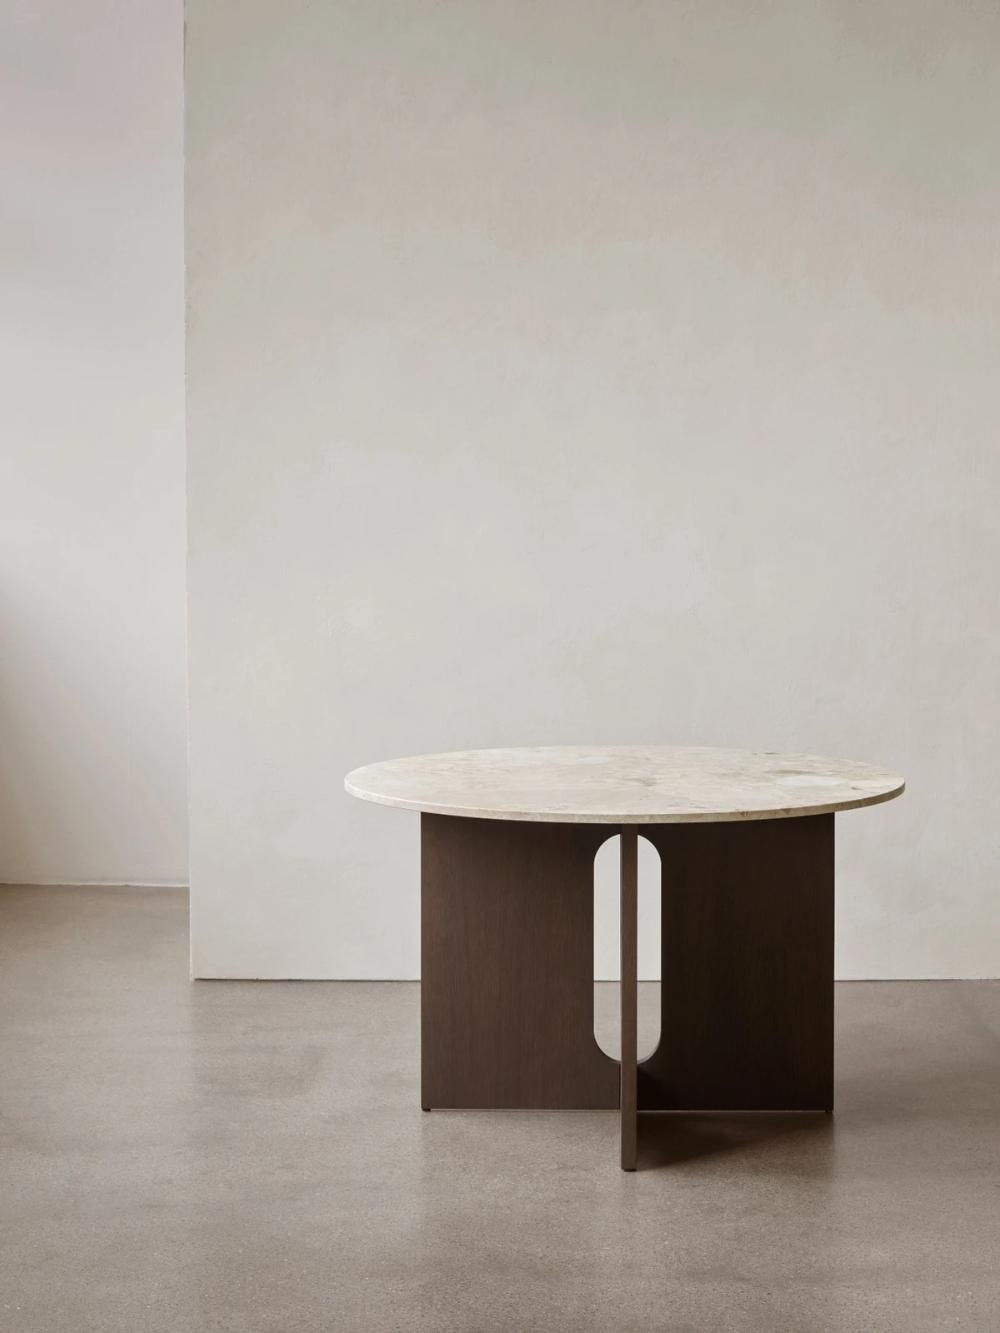 Home Furniture Store Modern Furnishings Decor Minimalist Coffee Table Ikea Coffee Table Ikea Decor [ 2000 x 2000 Pixel ]